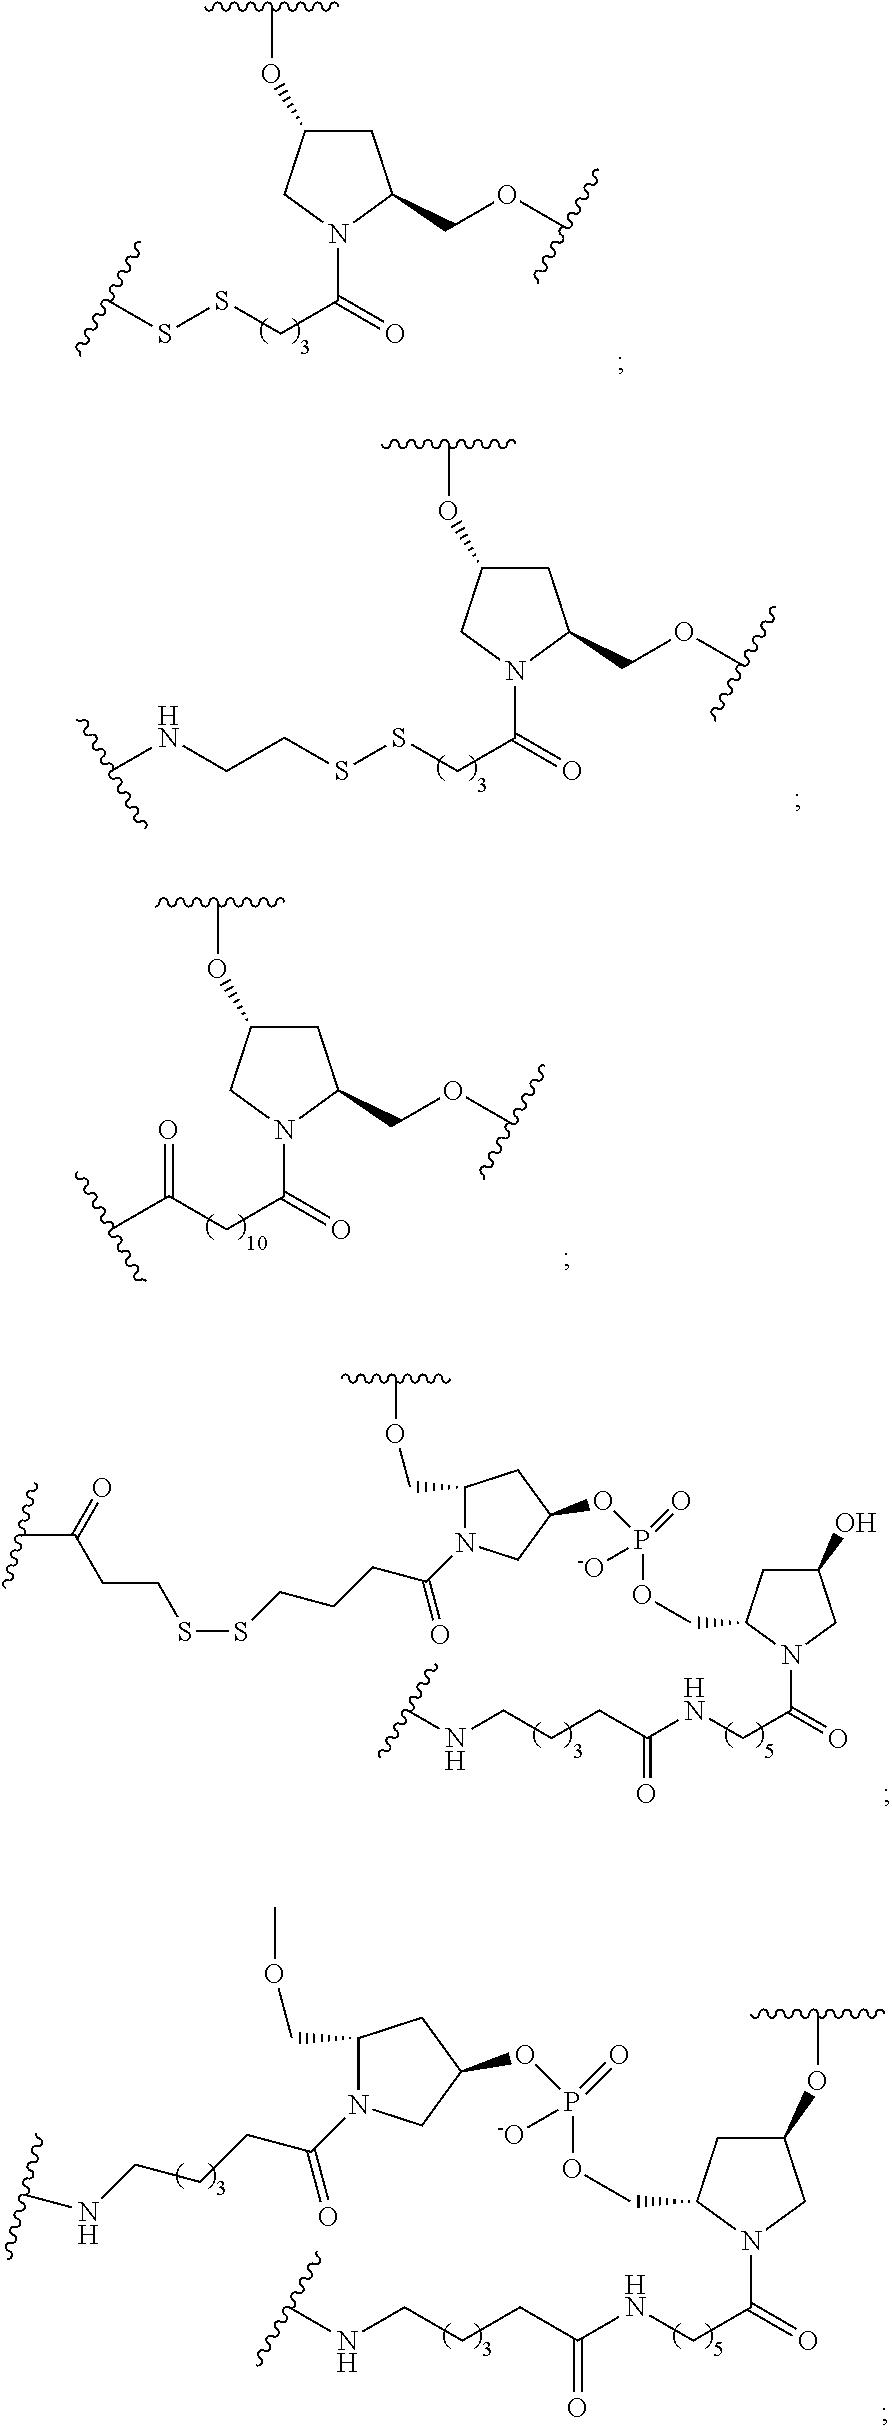 Figure US09932581-20180403-C00149